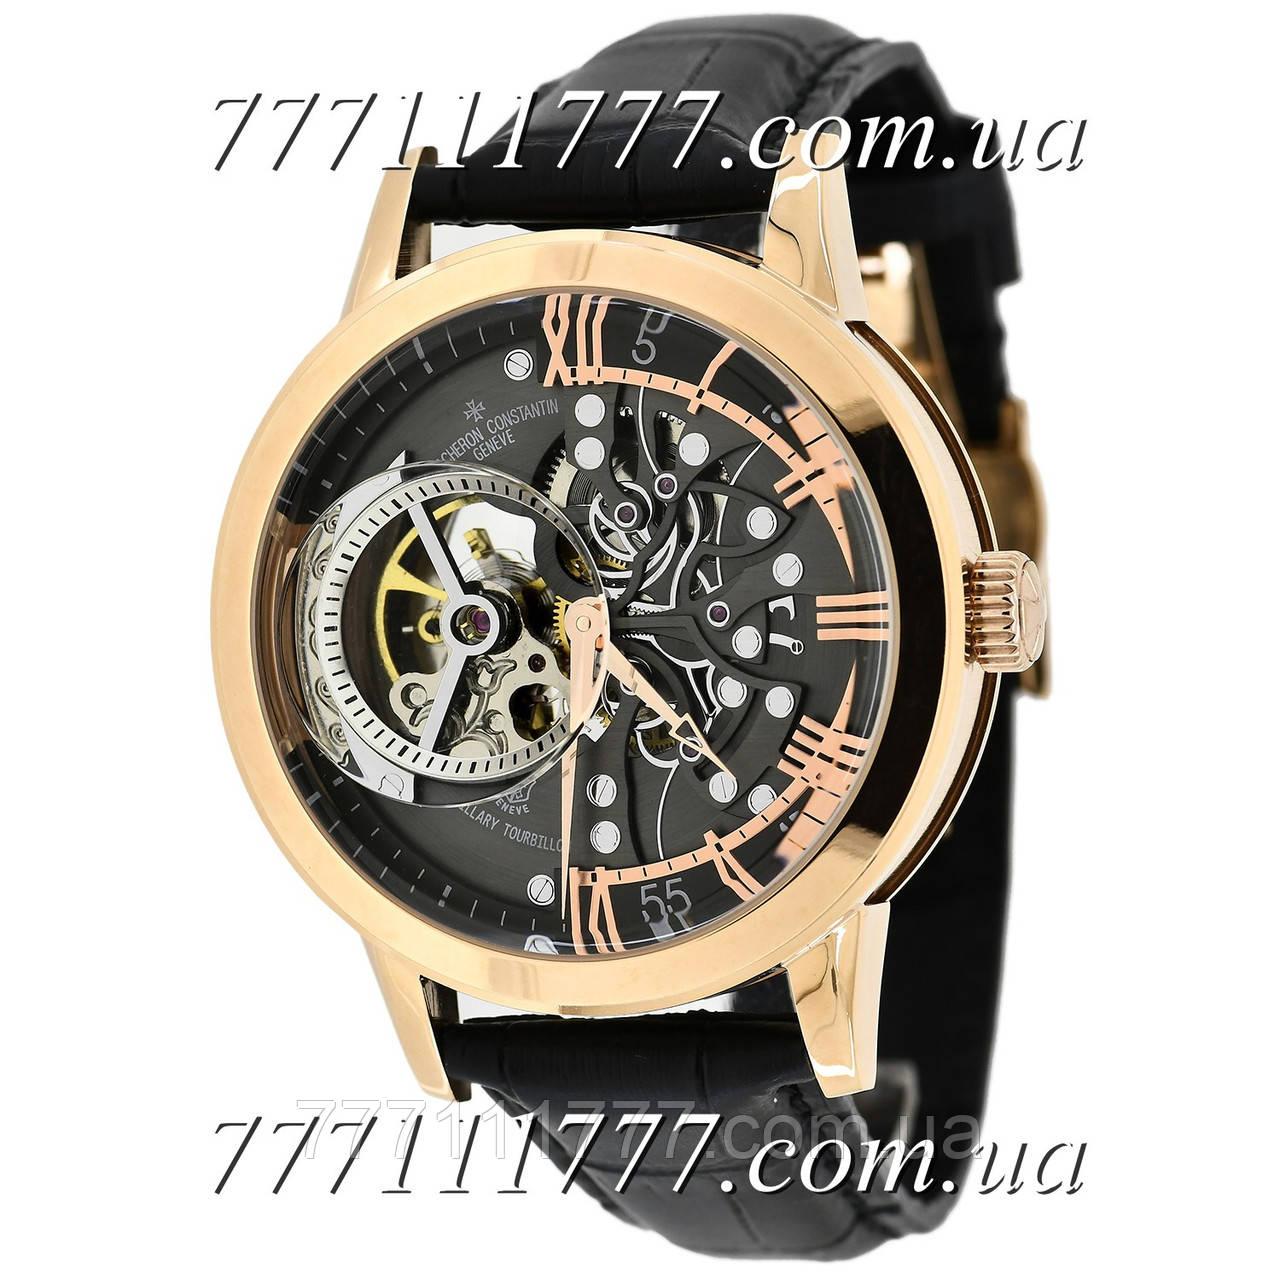 Часы с tourbillon купить где купить часы гесс в спб